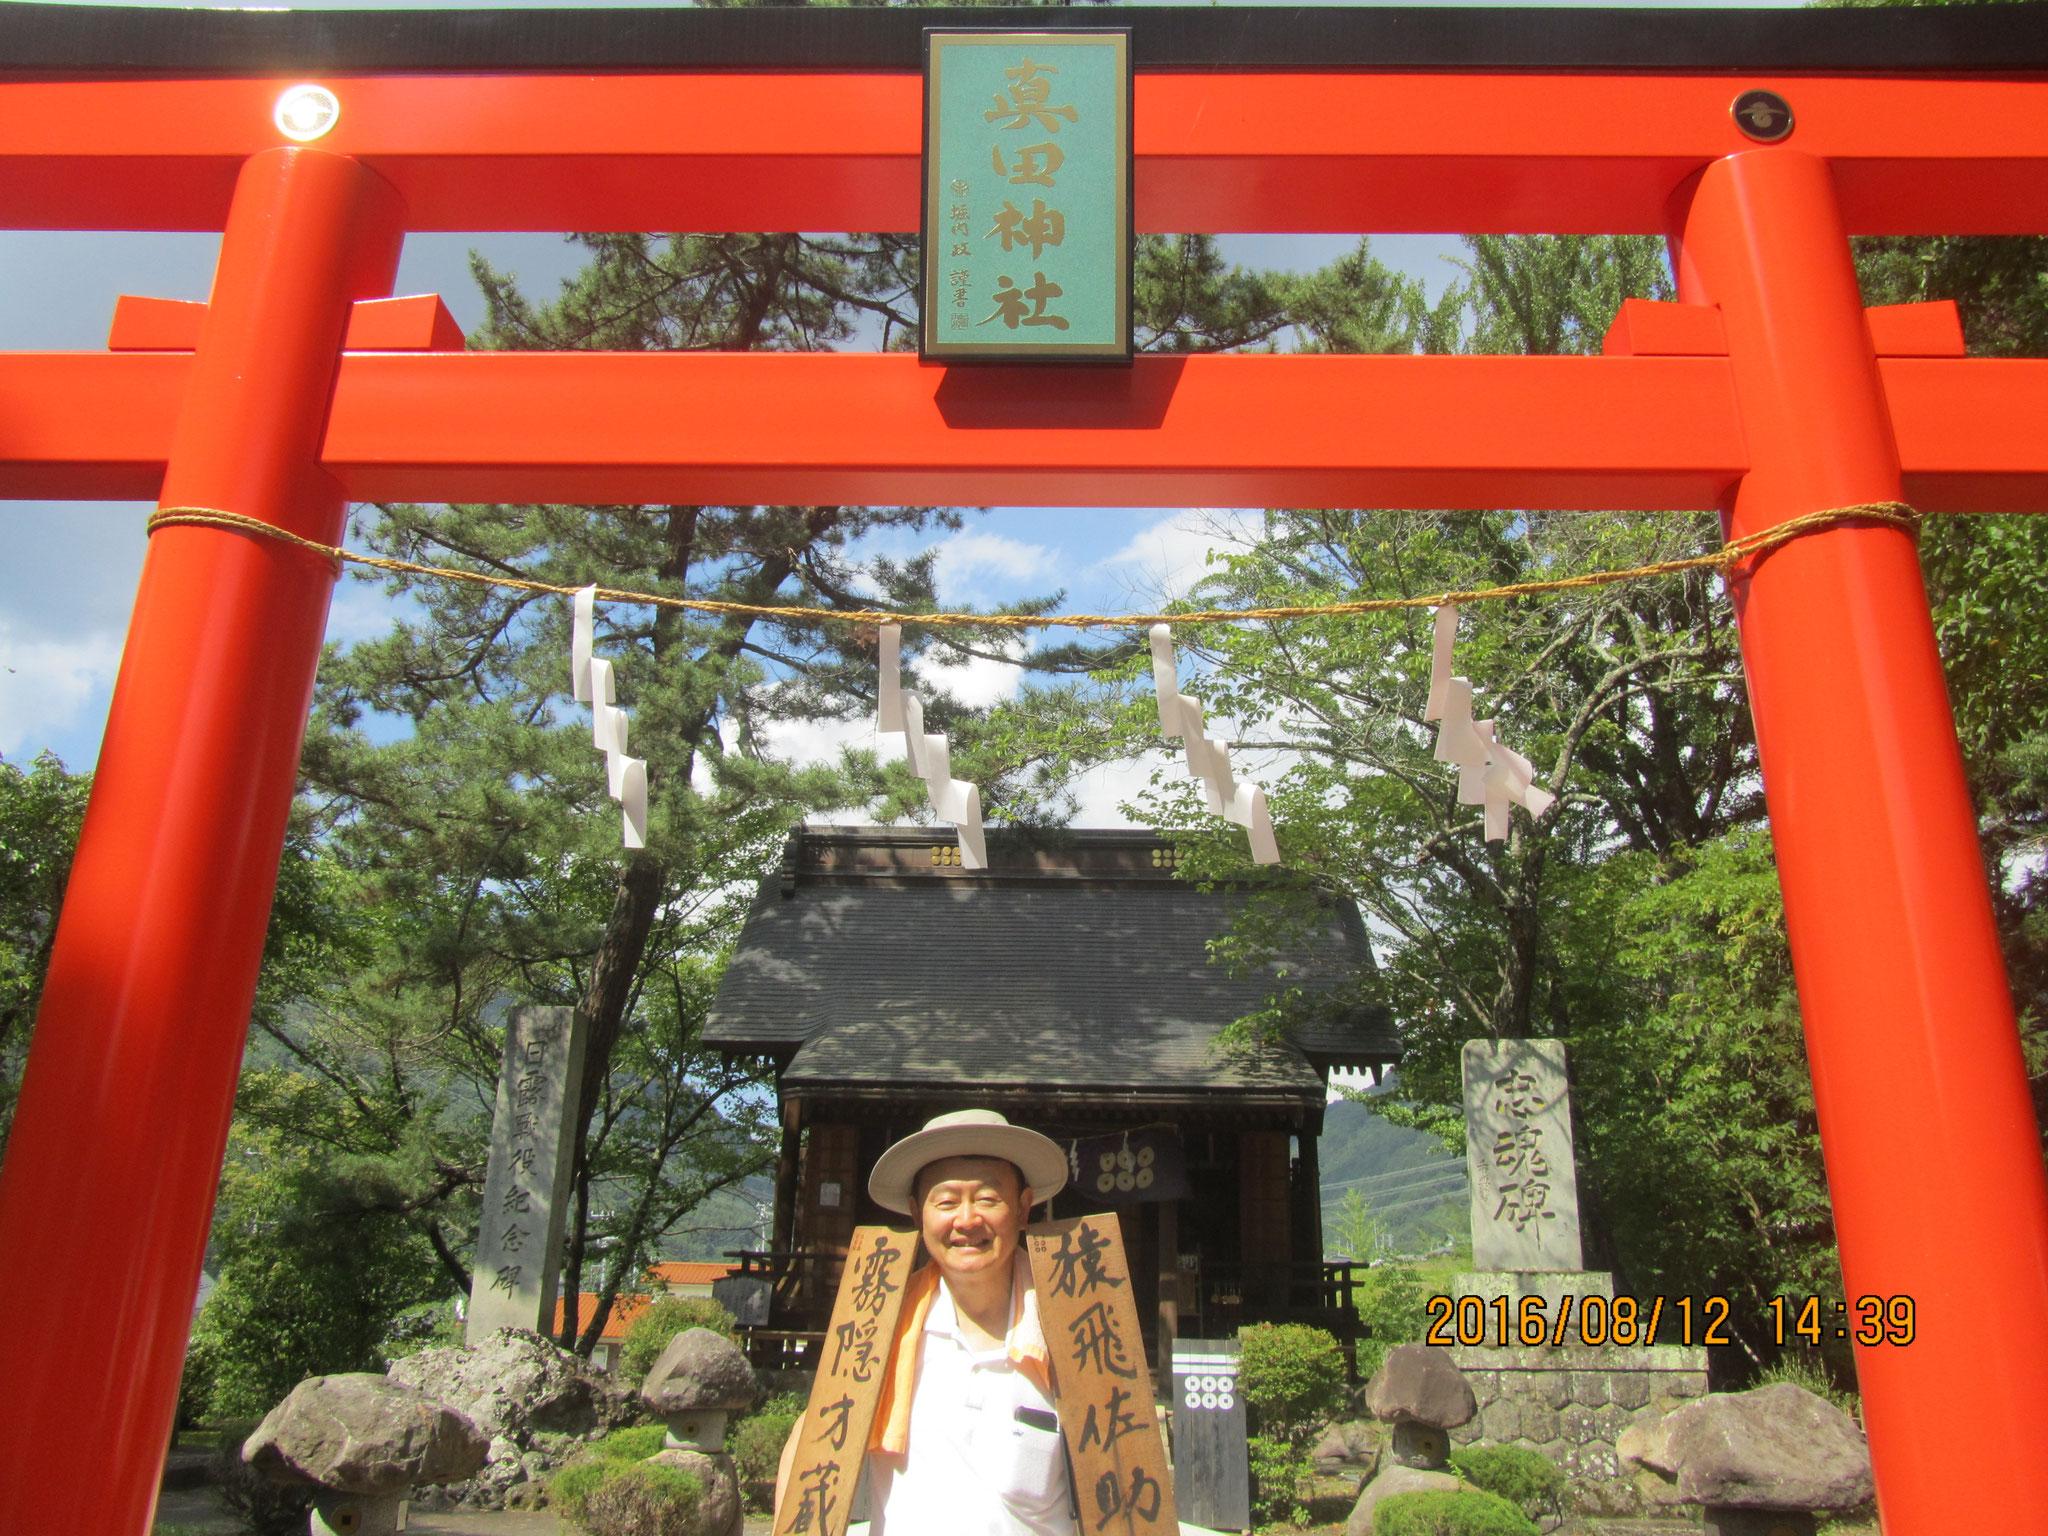 山家神社の境内に建つ真田神社。真田 幸隆、昌幸、信之、信繁を祀っています。